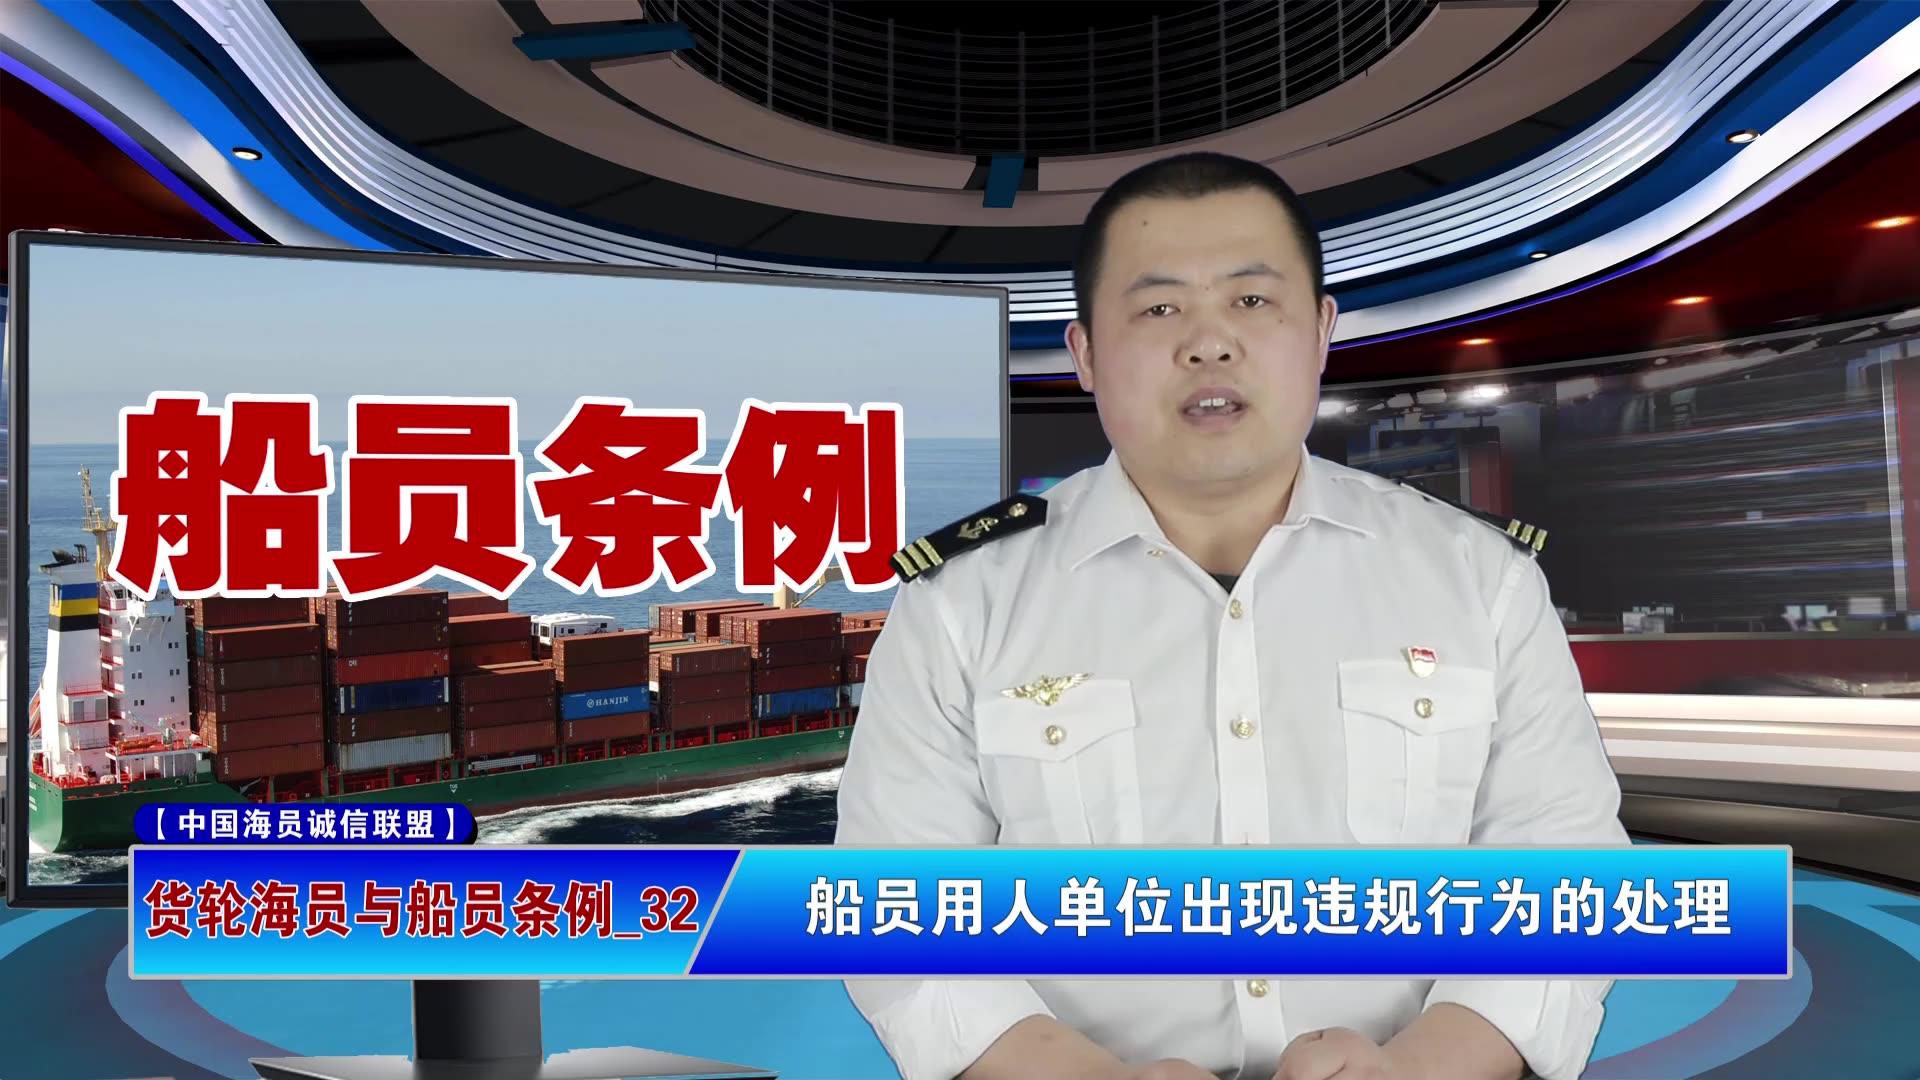 【货轮海员与船员条例_32】海员及船员用人单位出现违规行为的处理